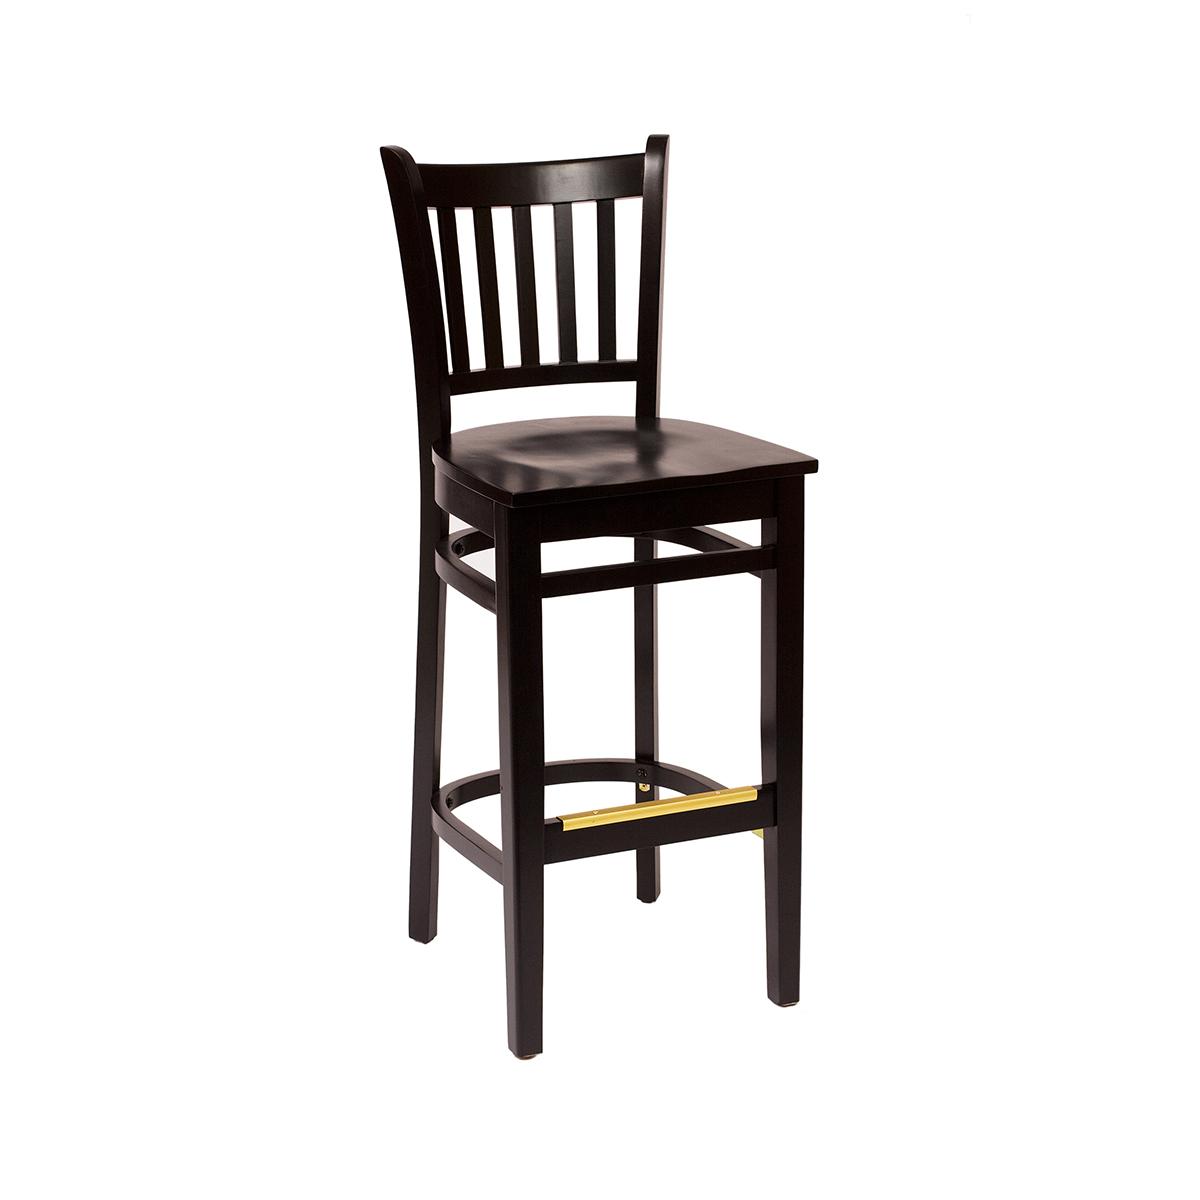 black wood slat back barstool with wood seat